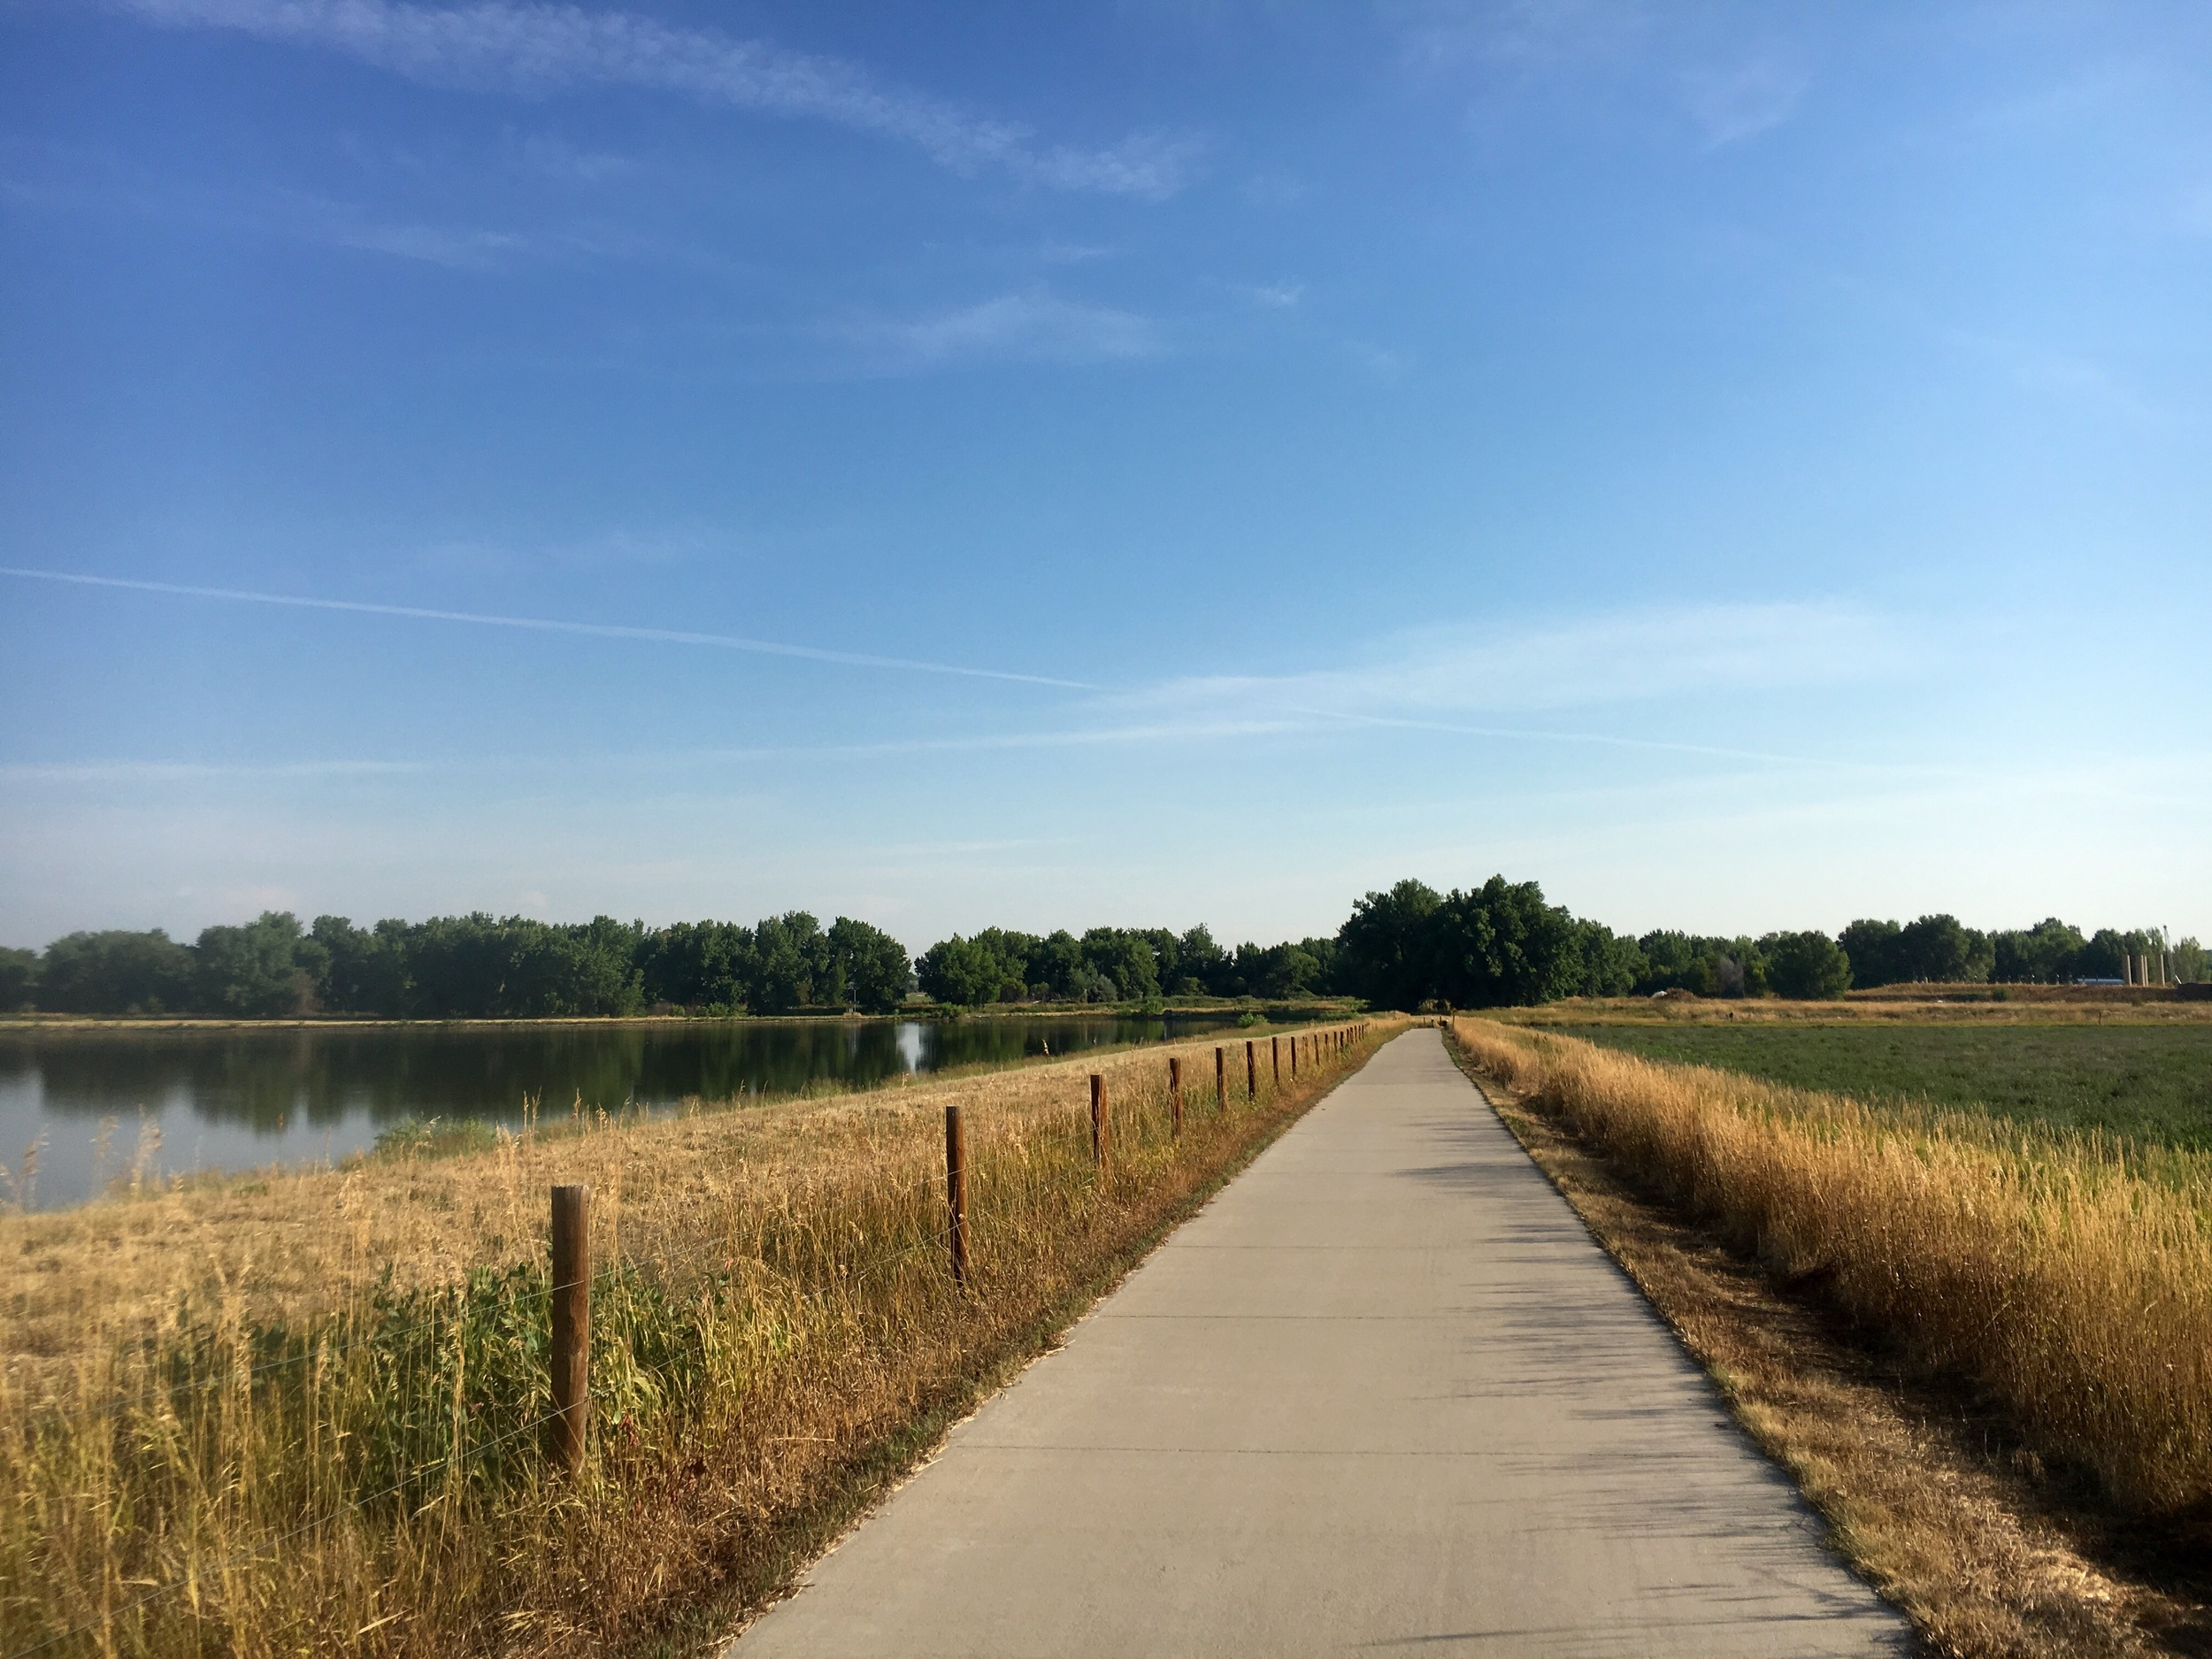 Summertime strolls